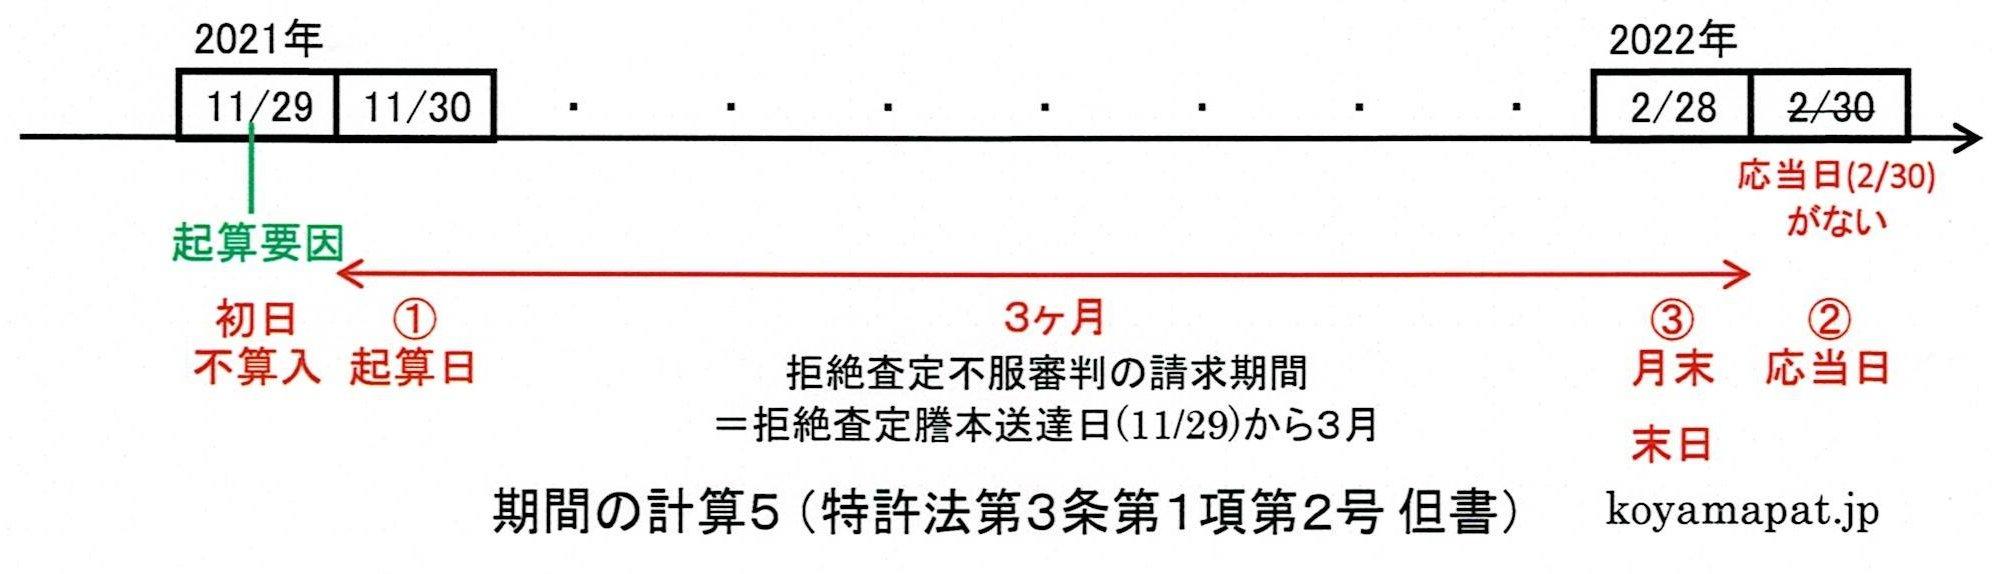 期間の計算5(特許法第3条第1項第2号但書):最後の月に応当する日がないときは、その月の末日に満了する(応当日がないときは月末)